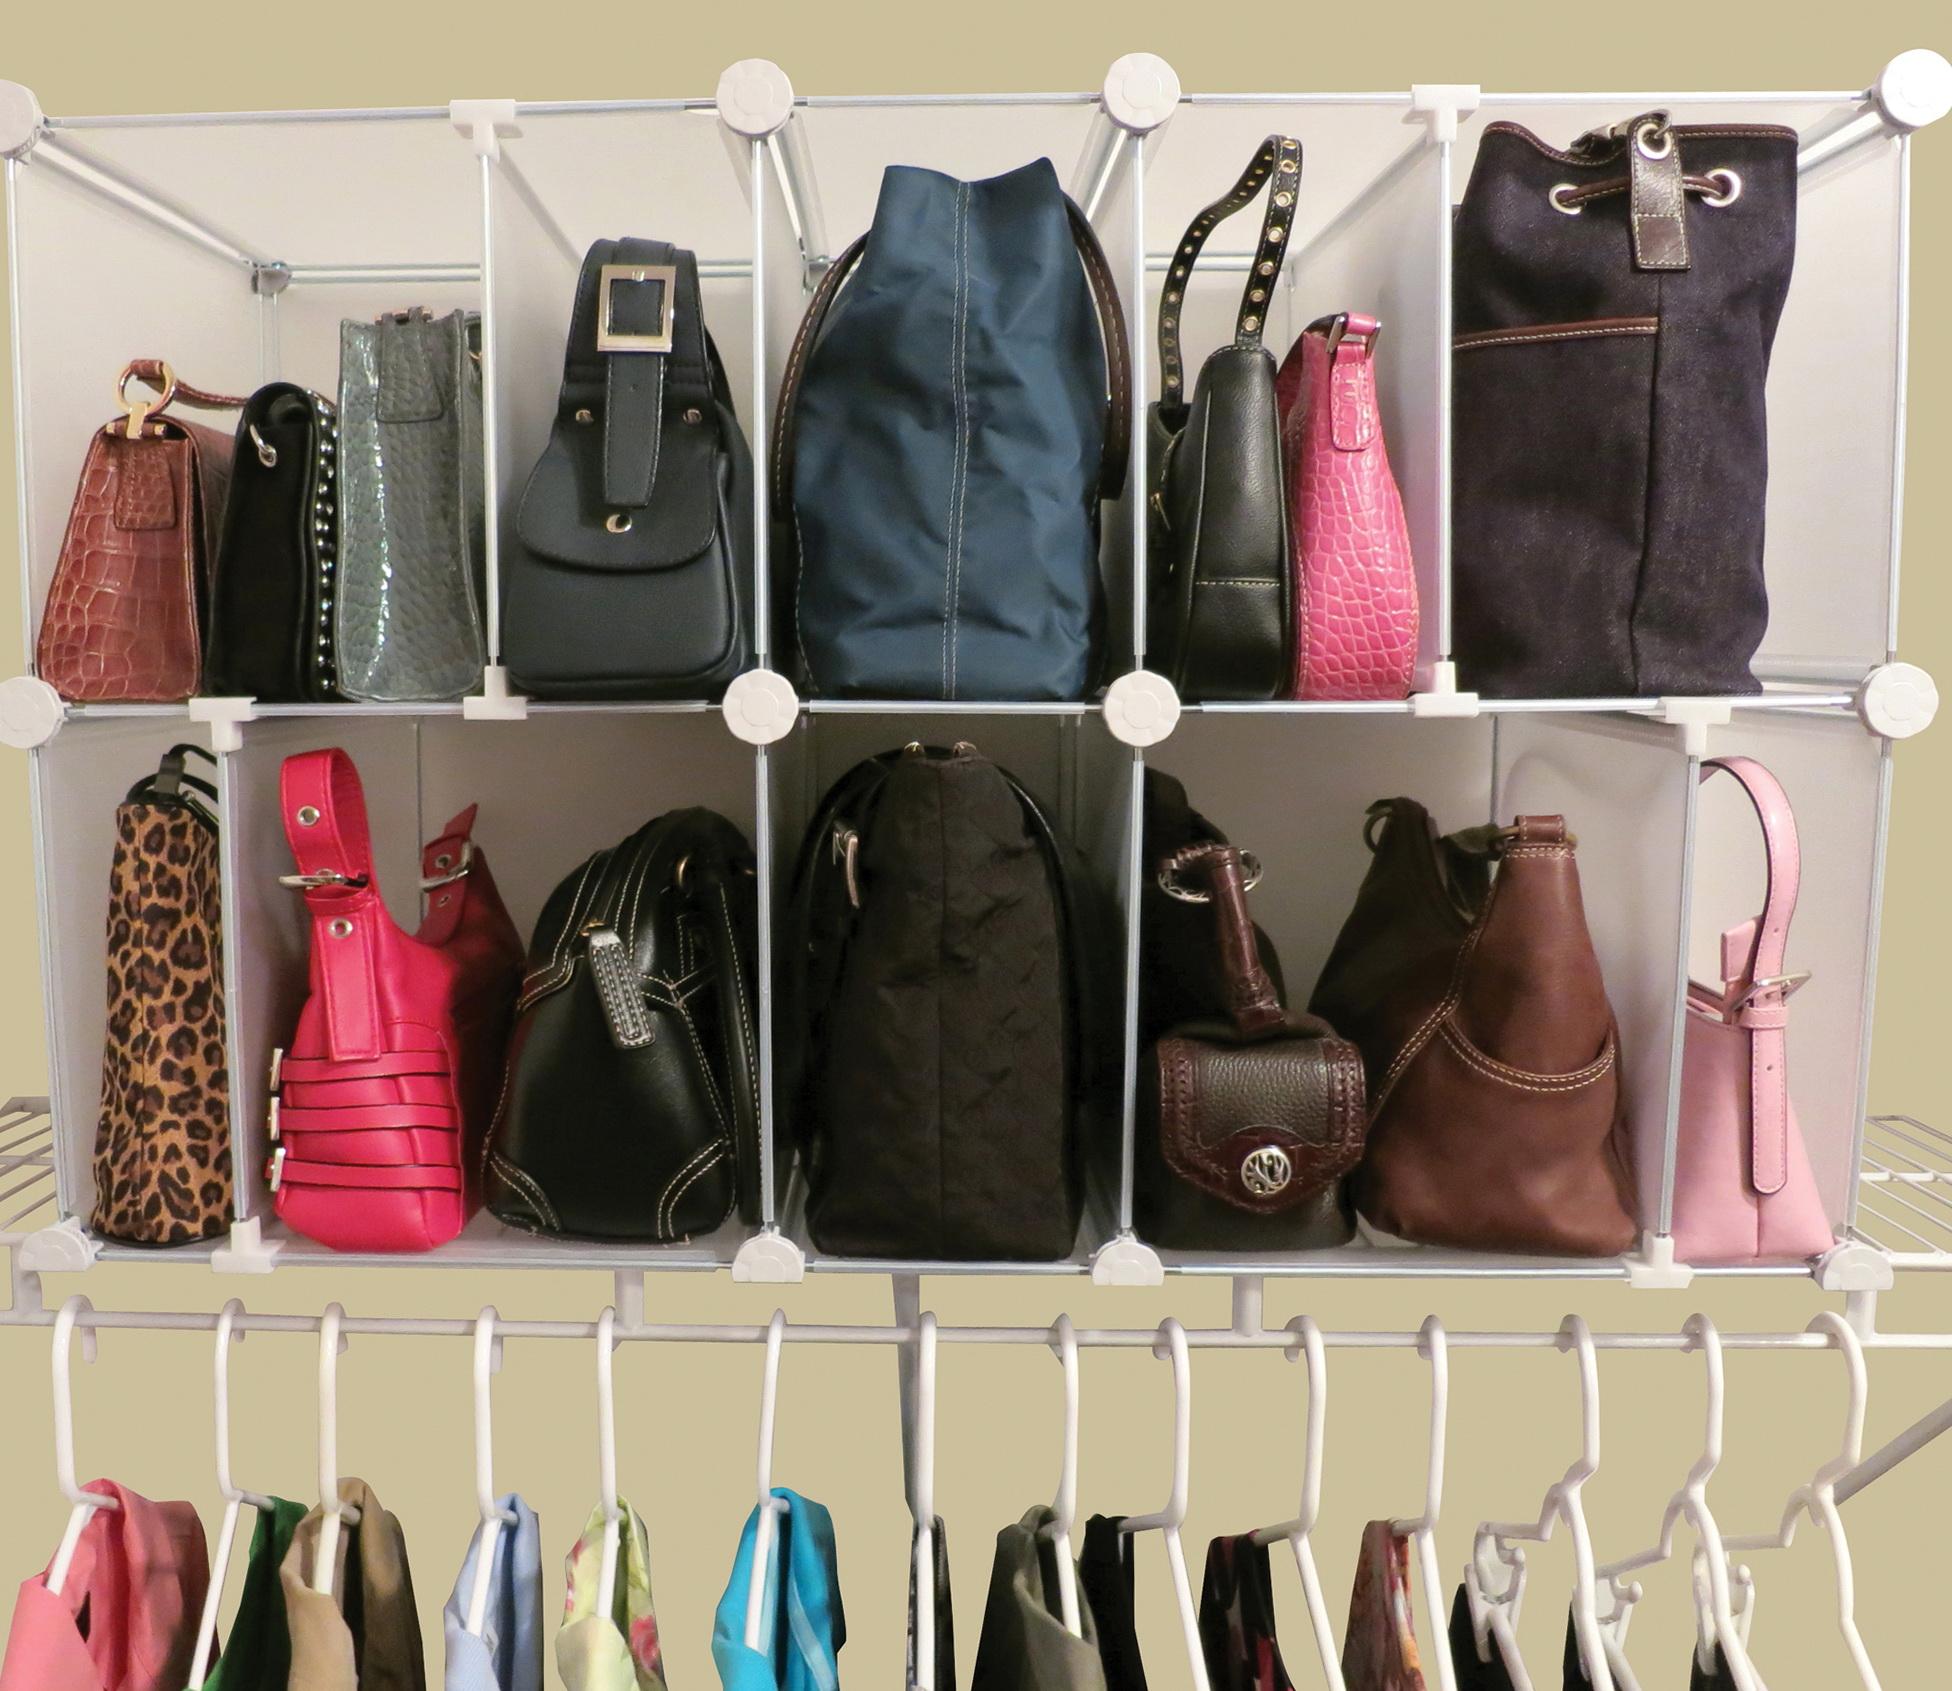 Closet Organizer Ideas For Purses